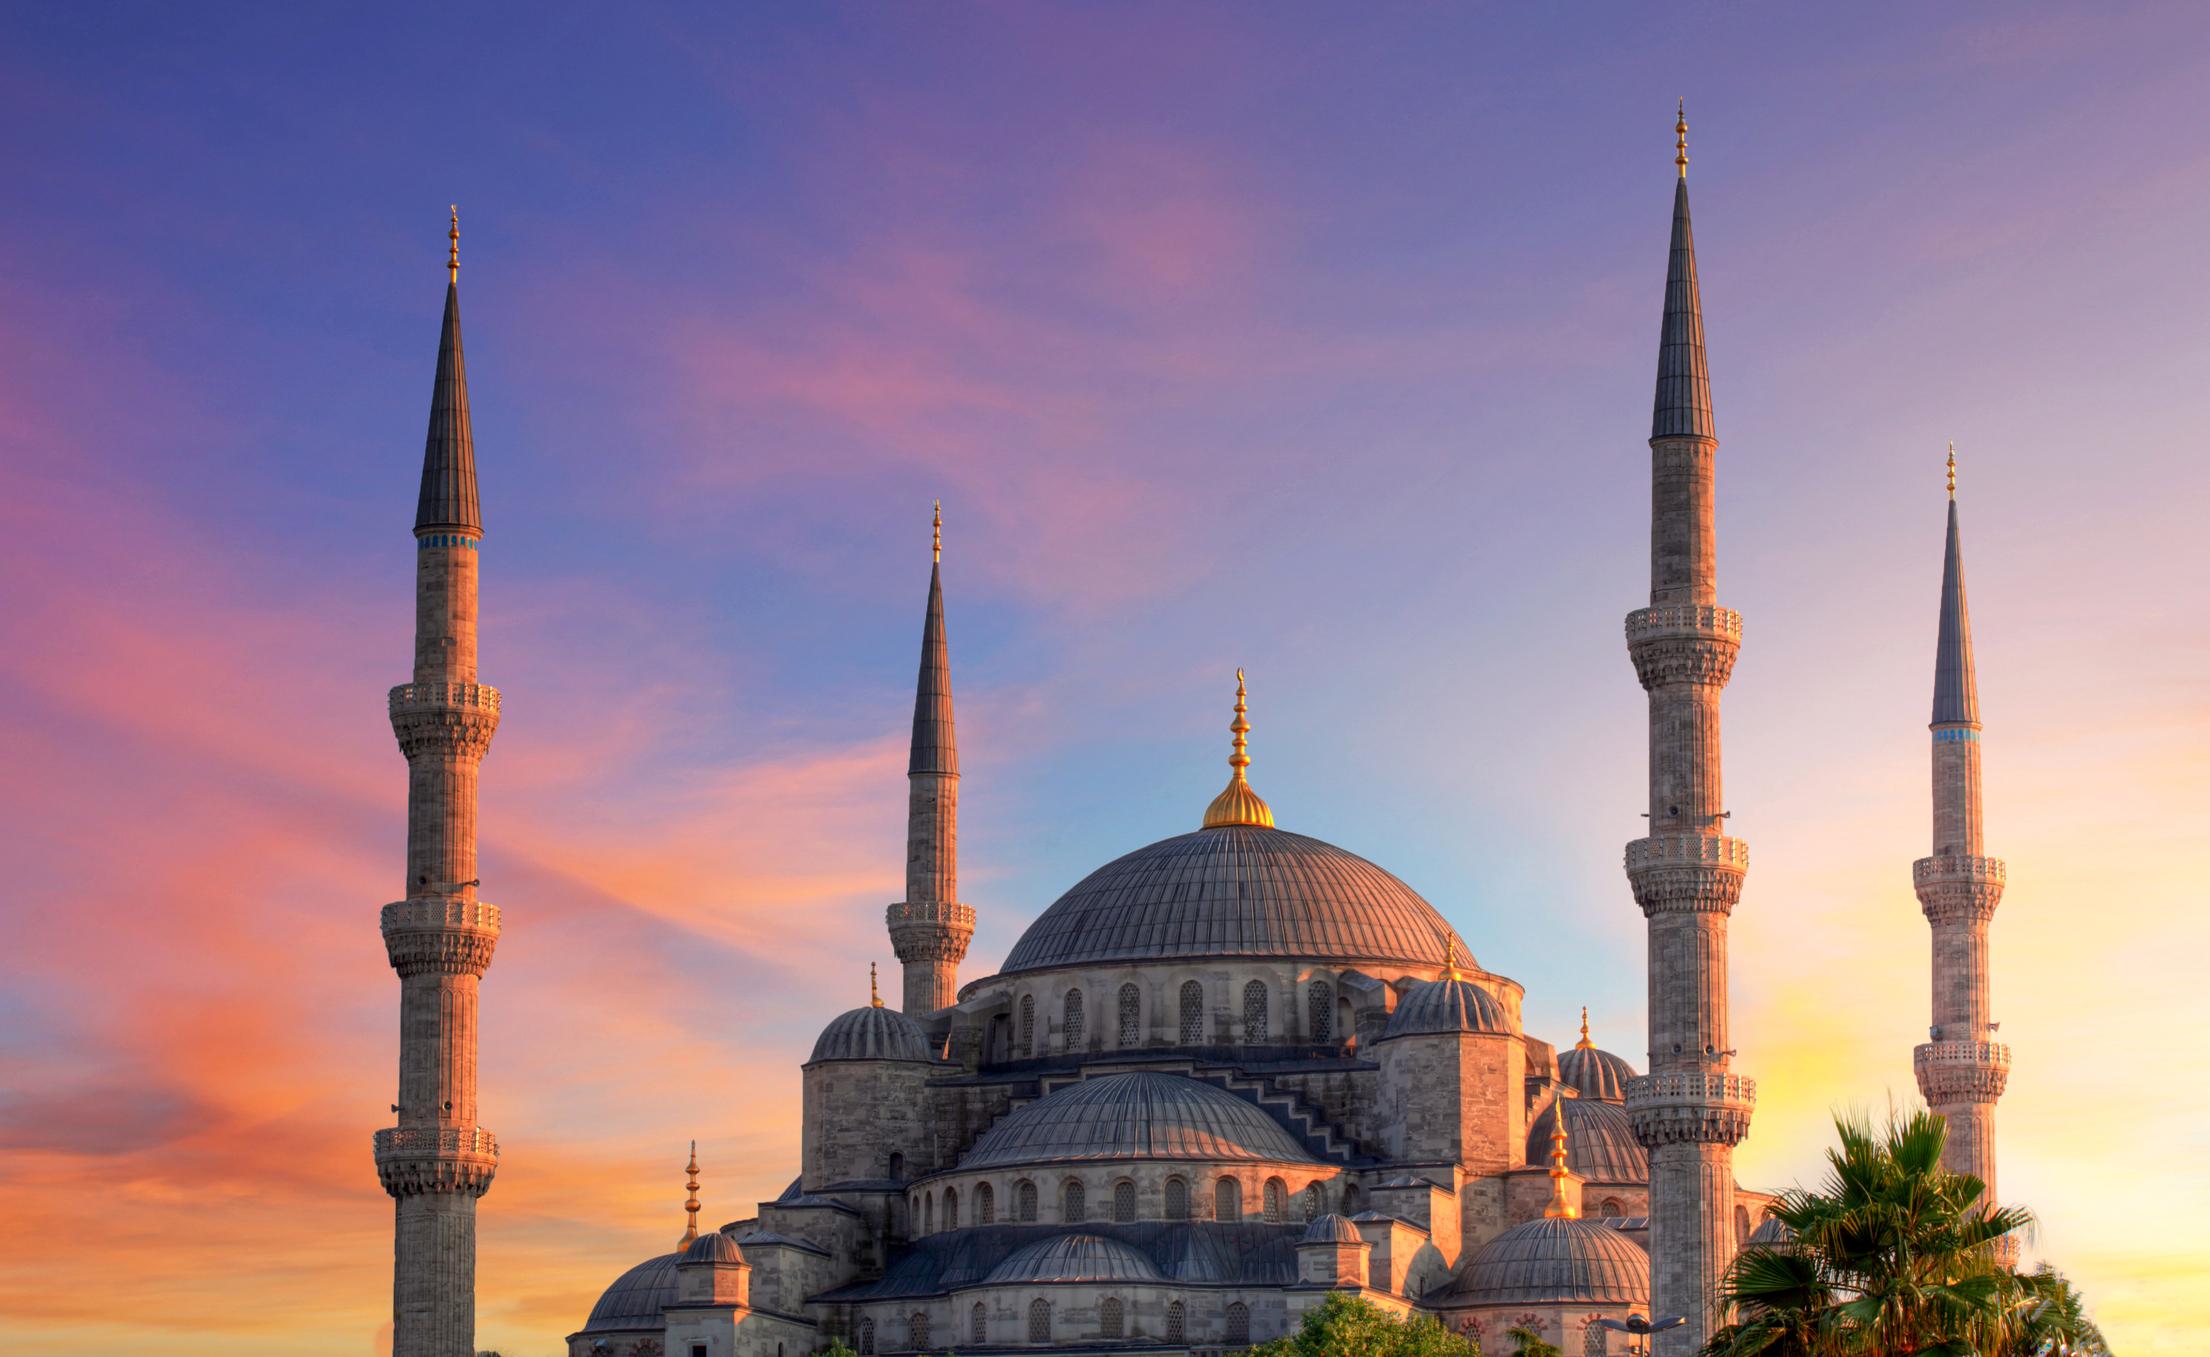 Град на два континента, огромен, необятен, красив, това е Истанбул. Много българи и пътуващи от цял свят го избират за своя туристическа дестинация. Казват, че отидеш ли в града на Босфора веднъж, със сигурност ще го направиш отново и отново. Въпреки че не е столица на Турция, Истанбул е най-големият град, представляващ икономическото, културното и историческото сърце на страната. В миналото е наричан с имената Стамбул, Цариград, Византион и Константинопол.